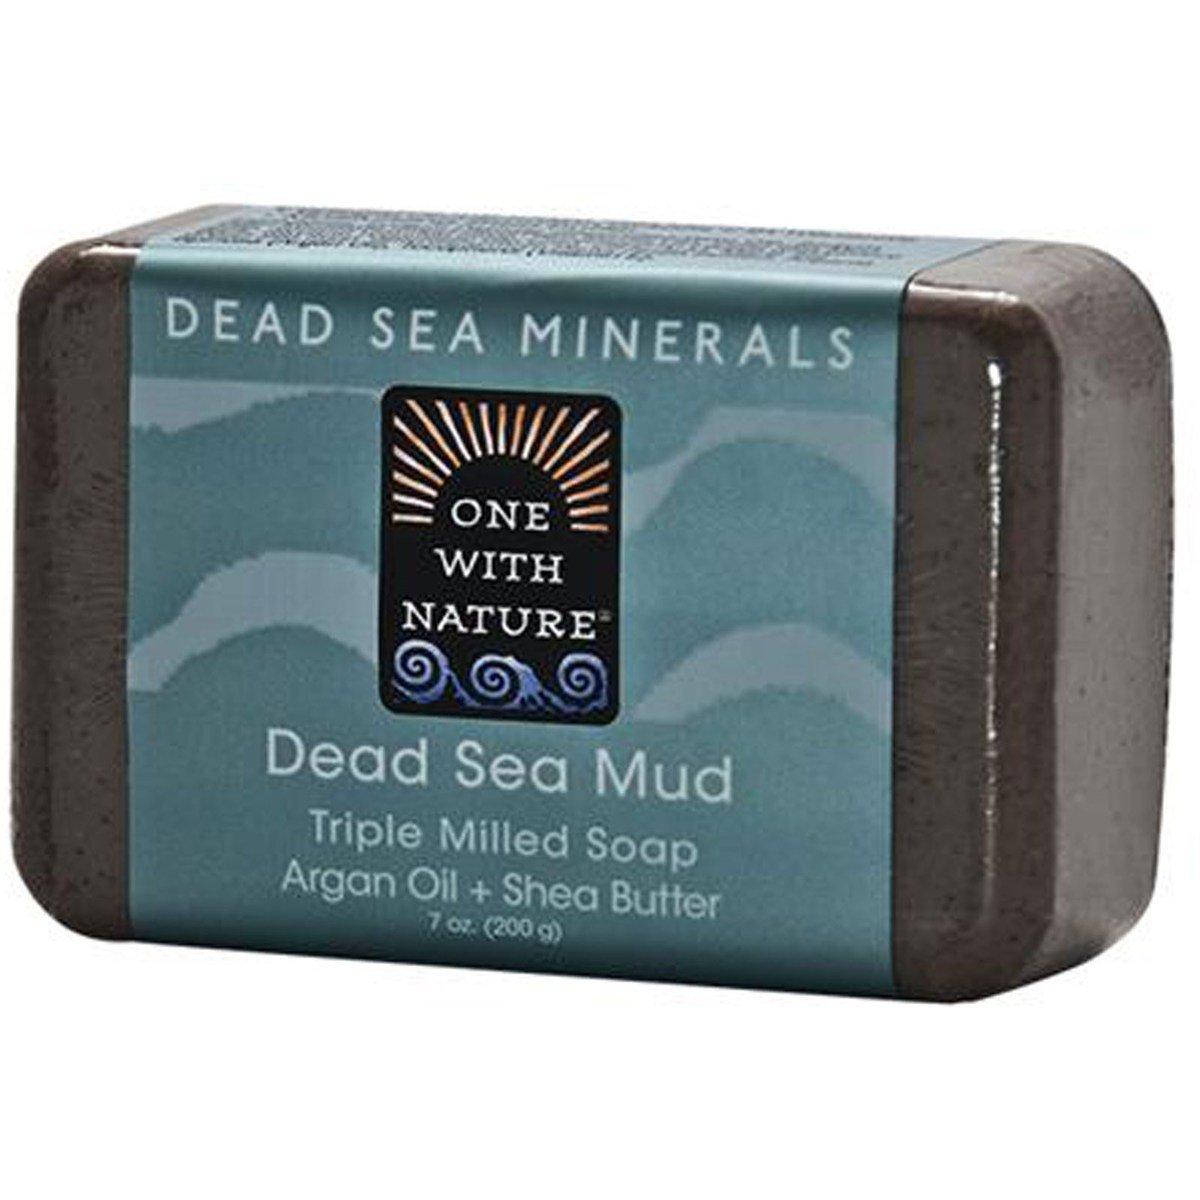 死海礦物死海泥香皂